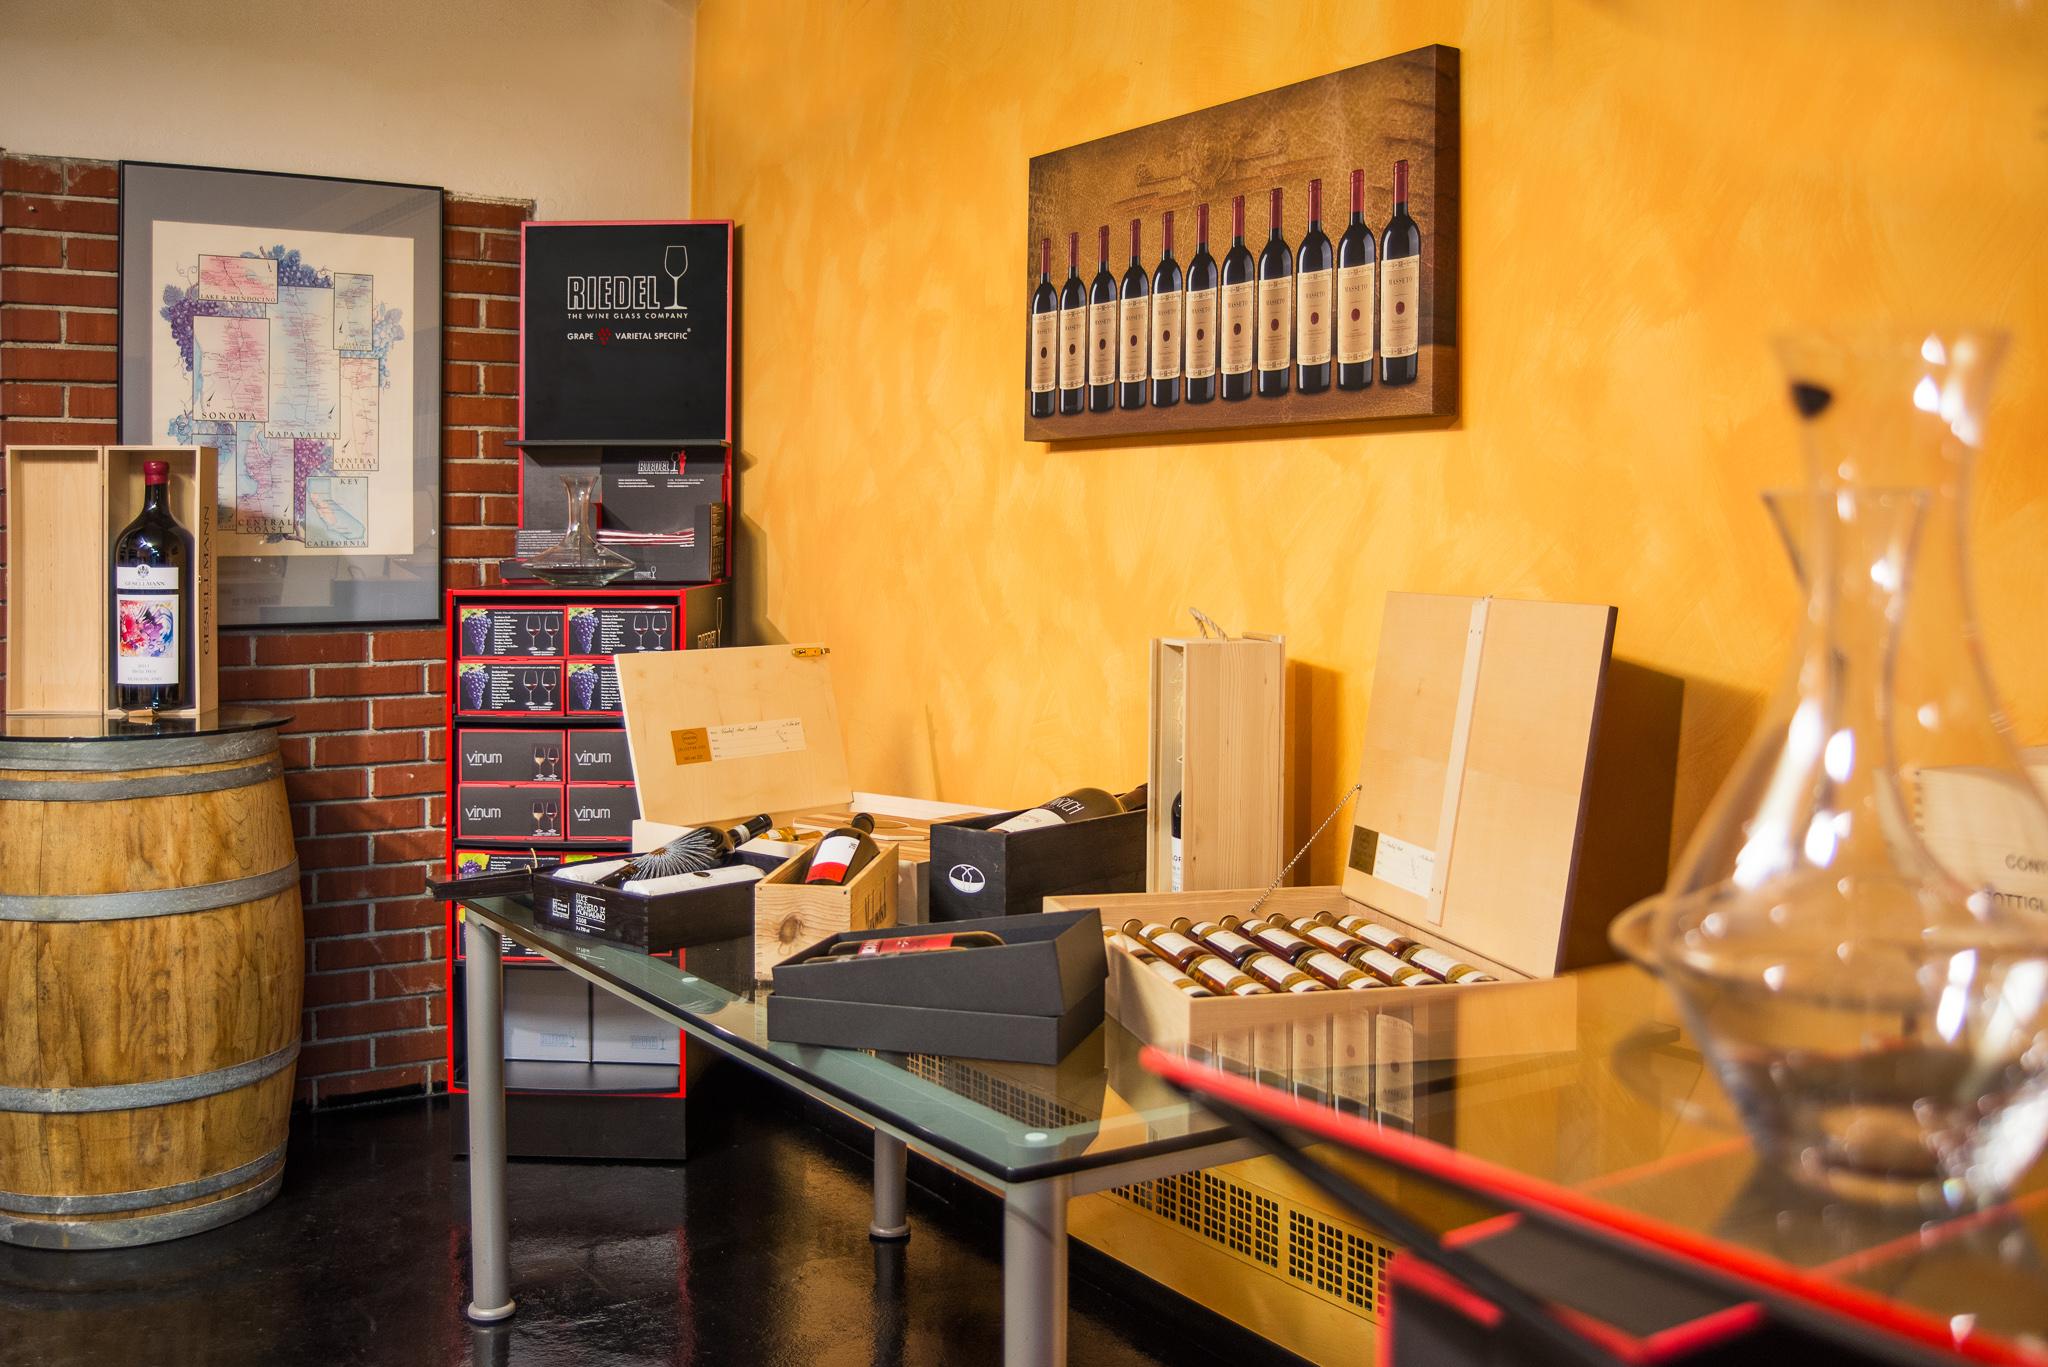 Regale mit Weinen im Verkaufsraum im Weingeschäft Auer in Graz